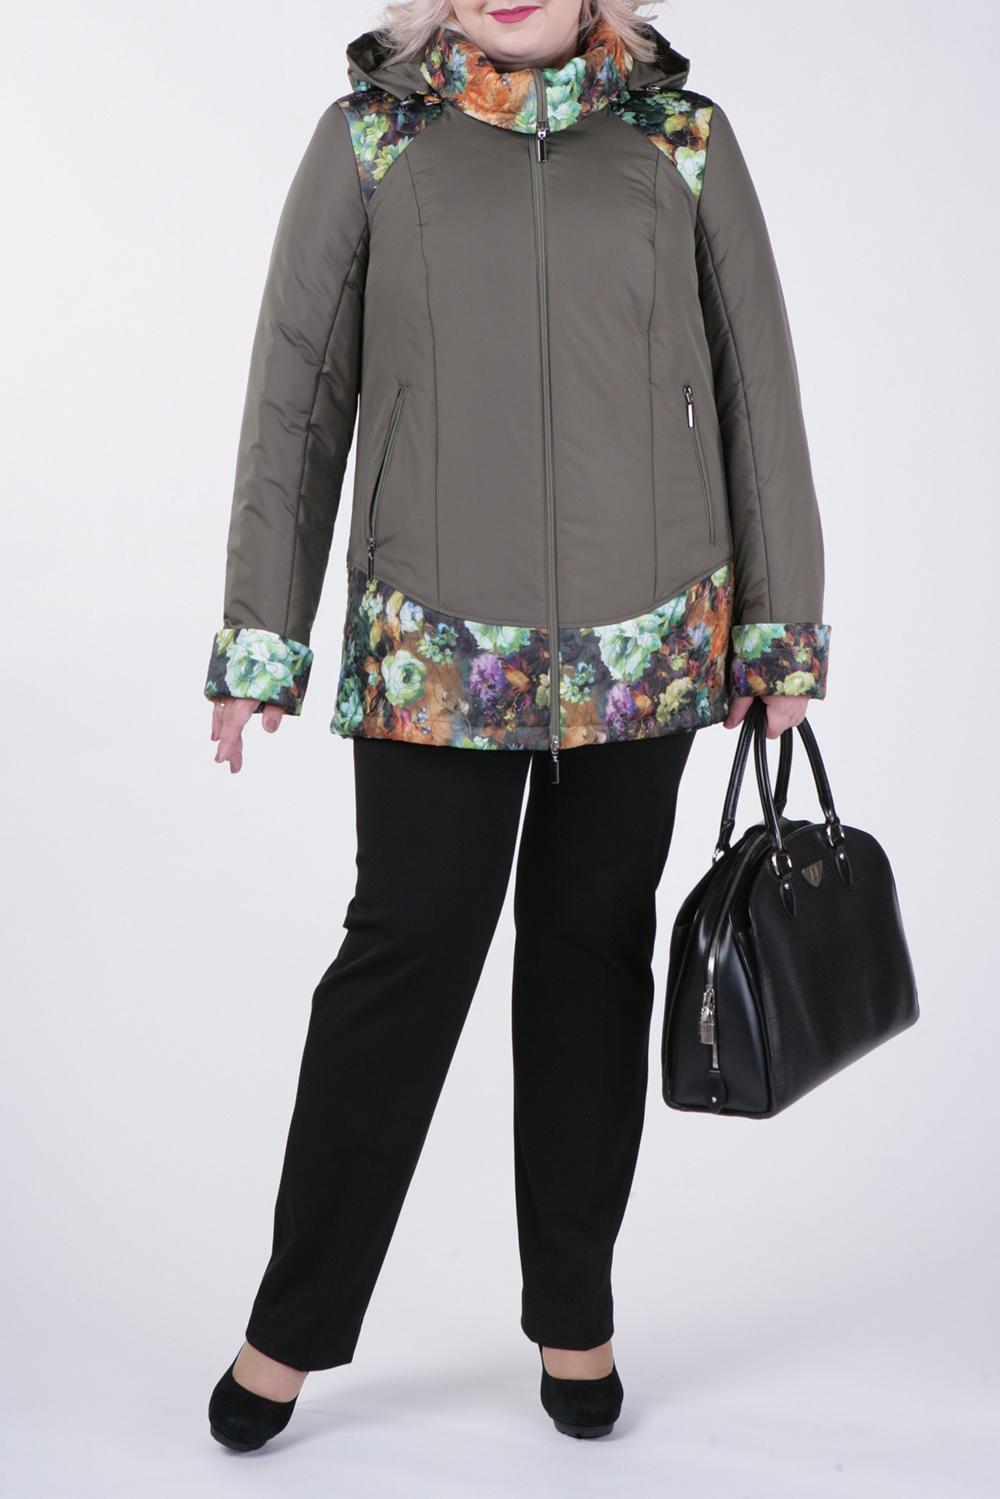 КурткаКуртки<br>Великолепная куртка с застежкой на молнию и длинными рукавами. Отличный выбор для демисезонного периода.  В изделии использованы цвета: серо-зеленый и др.  Рост девушки-фотомодели 172 см.<br><br>Застежка: С молнией<br>По длине: Средней длины<br>По материалу: Тканевые<br>По рисунку: Растительные мотивы,С принтом,Цветные,Цветочные<br>По силуэту: Прямые<br>По стилю: Повседневный стиль<br>По элементам: С капюшоном,С карманами<br>Рукав: Длинный рукав<br>По сезону: Осень,Весна<br>Размер : 56,58,62,66,74,76,78<br>Материал: Болонья<br>Количество в наличии: 7